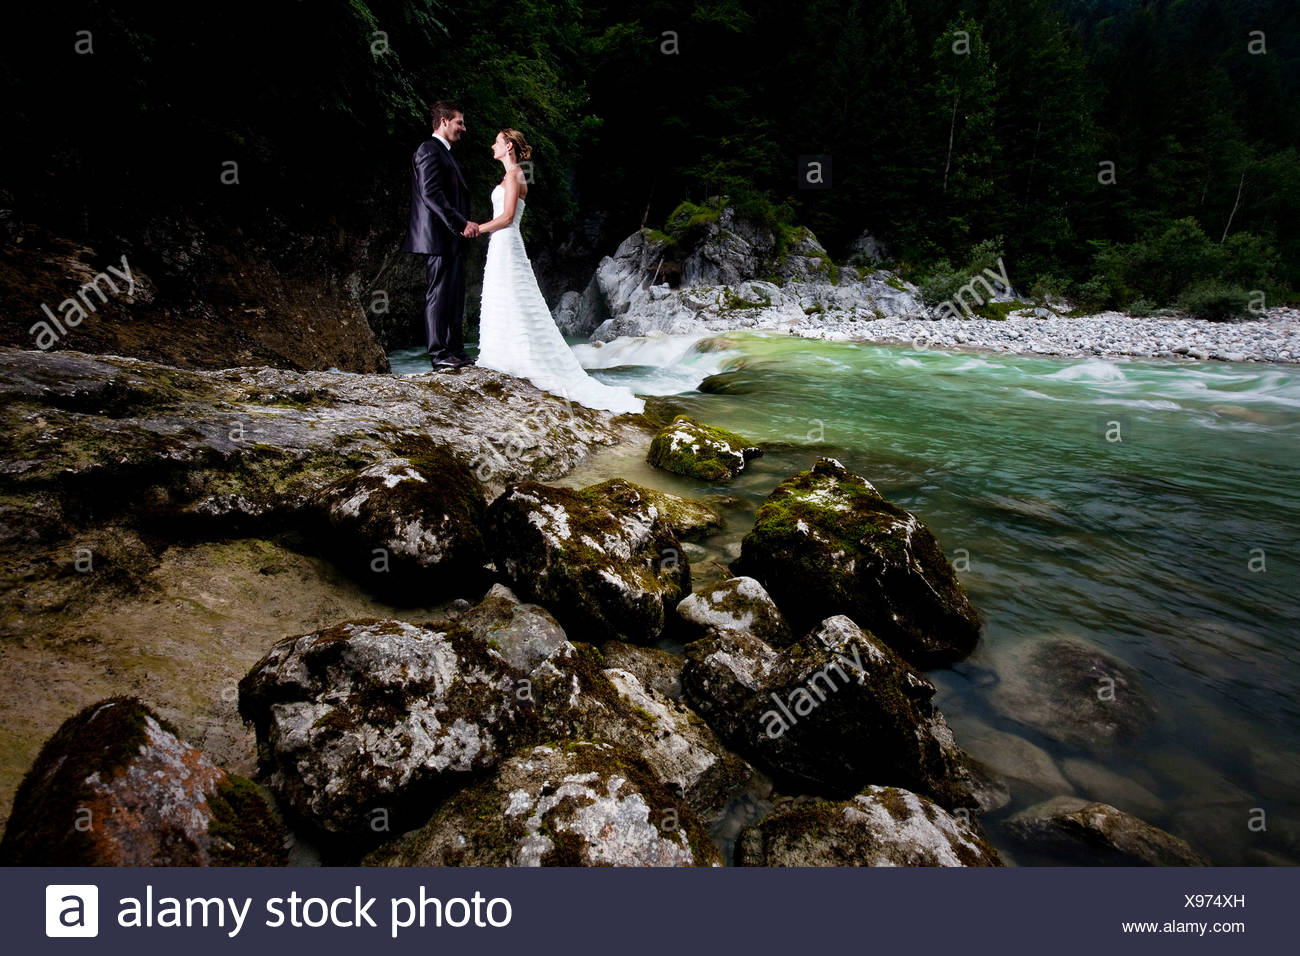 Woman Looking At Wedding Dresses Stock Photos Woman Looking At